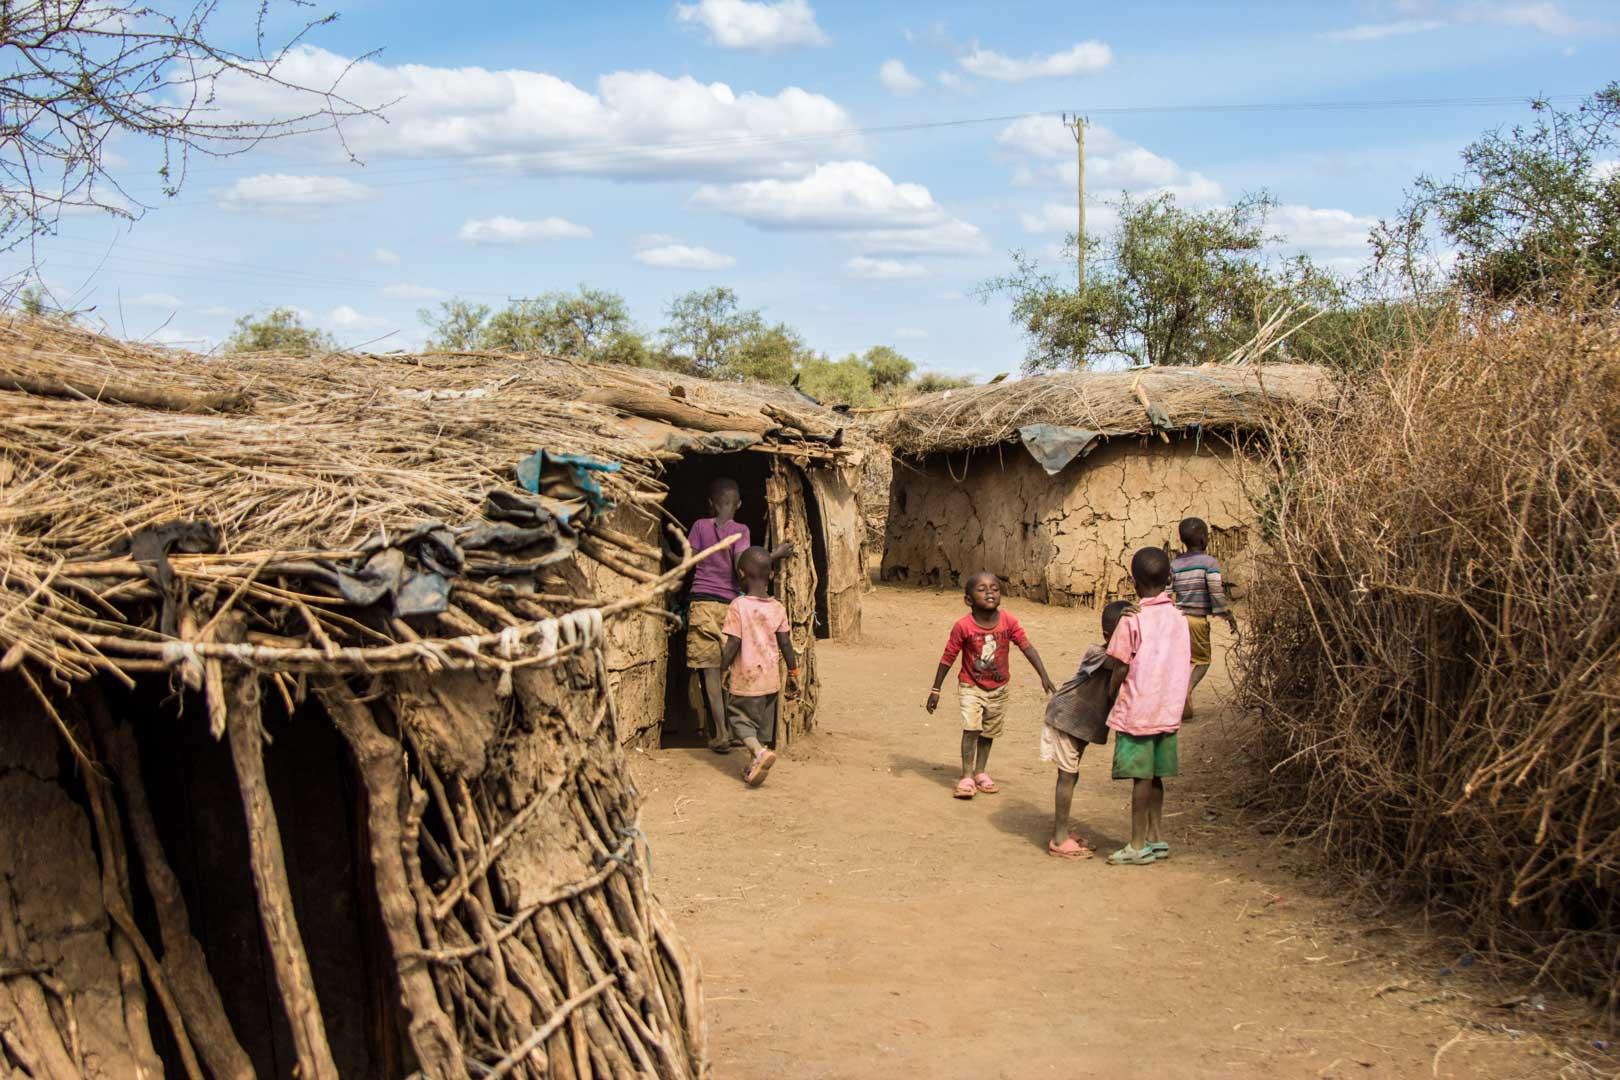 Niños jugando en un poblado Masai en Amboseli, Kenia